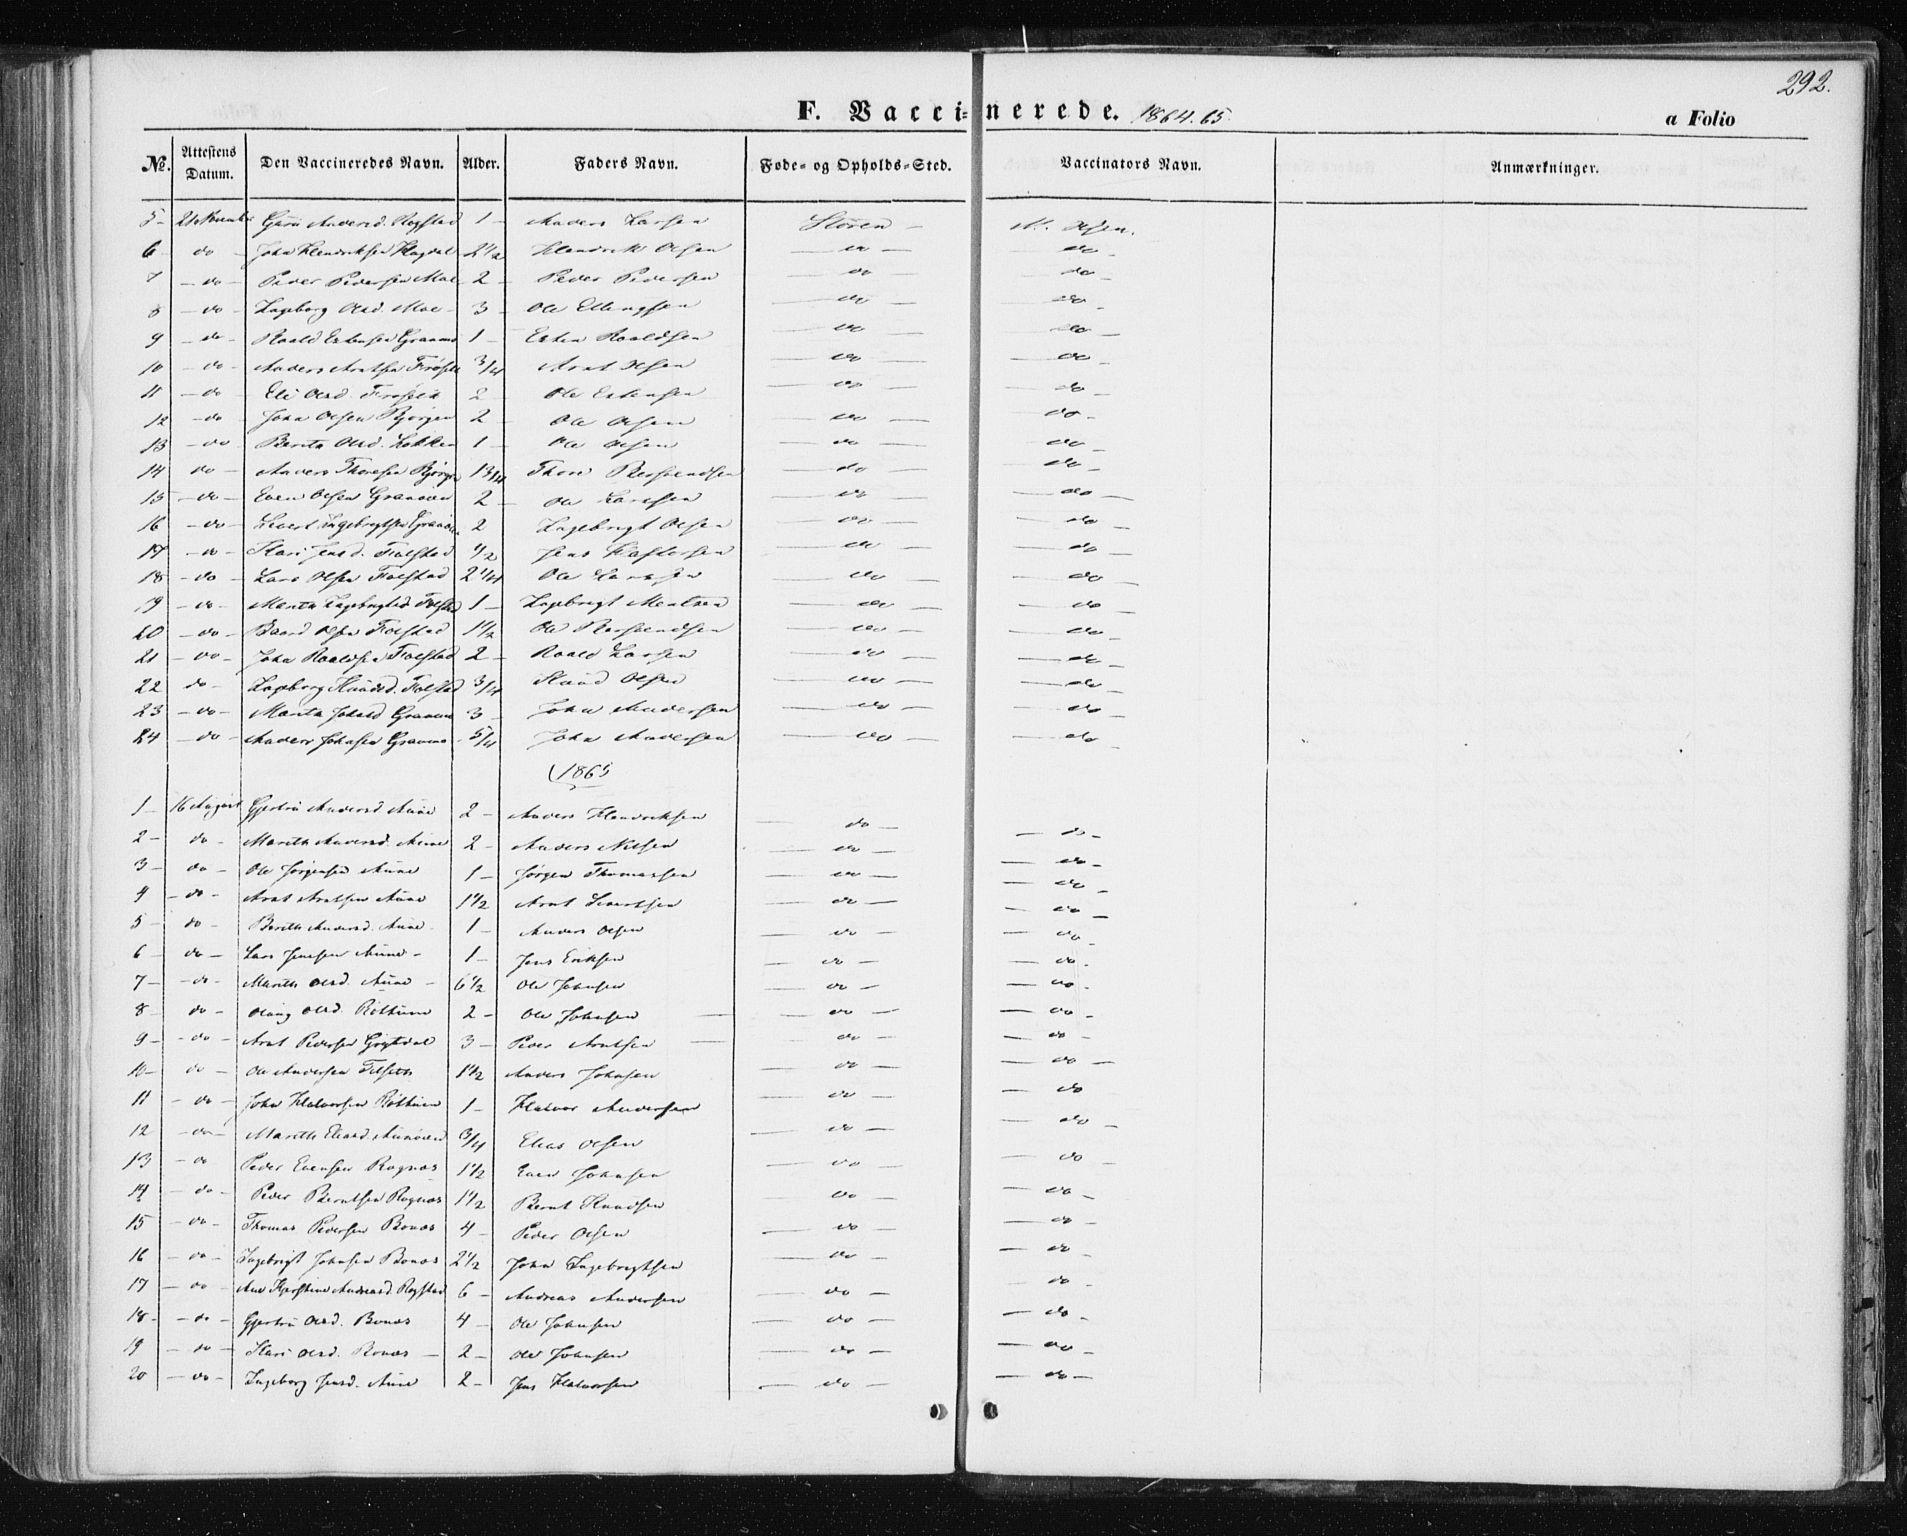 SAT, Ministerialprotokoller, klokkerbøker og fødselsregistre - Sør-Trøndelag, 687/L1000: Ministerialbok nr. 687A06, 1848-1869, s. 292